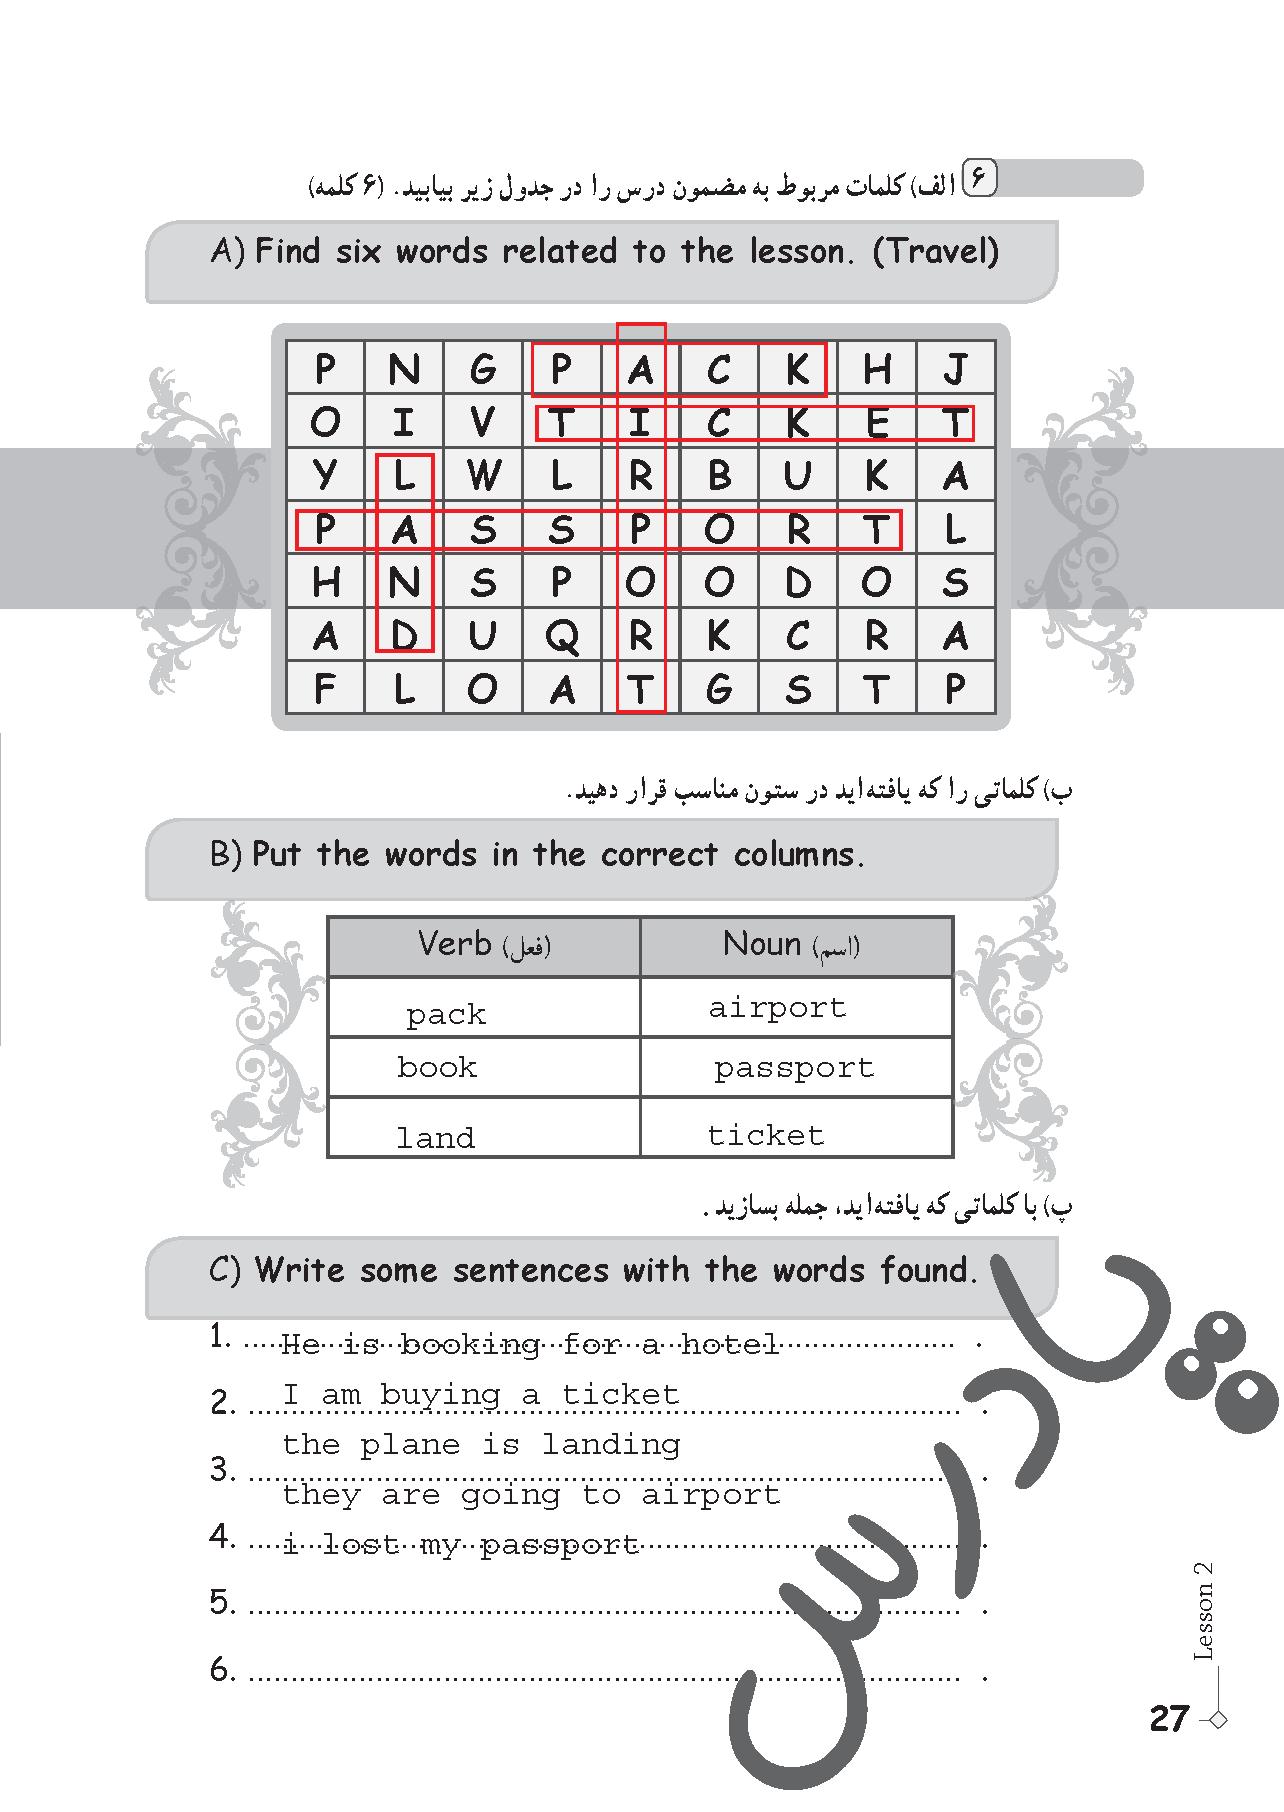 حل تمرین 6 درس 2 کتاب کار زبان نهم